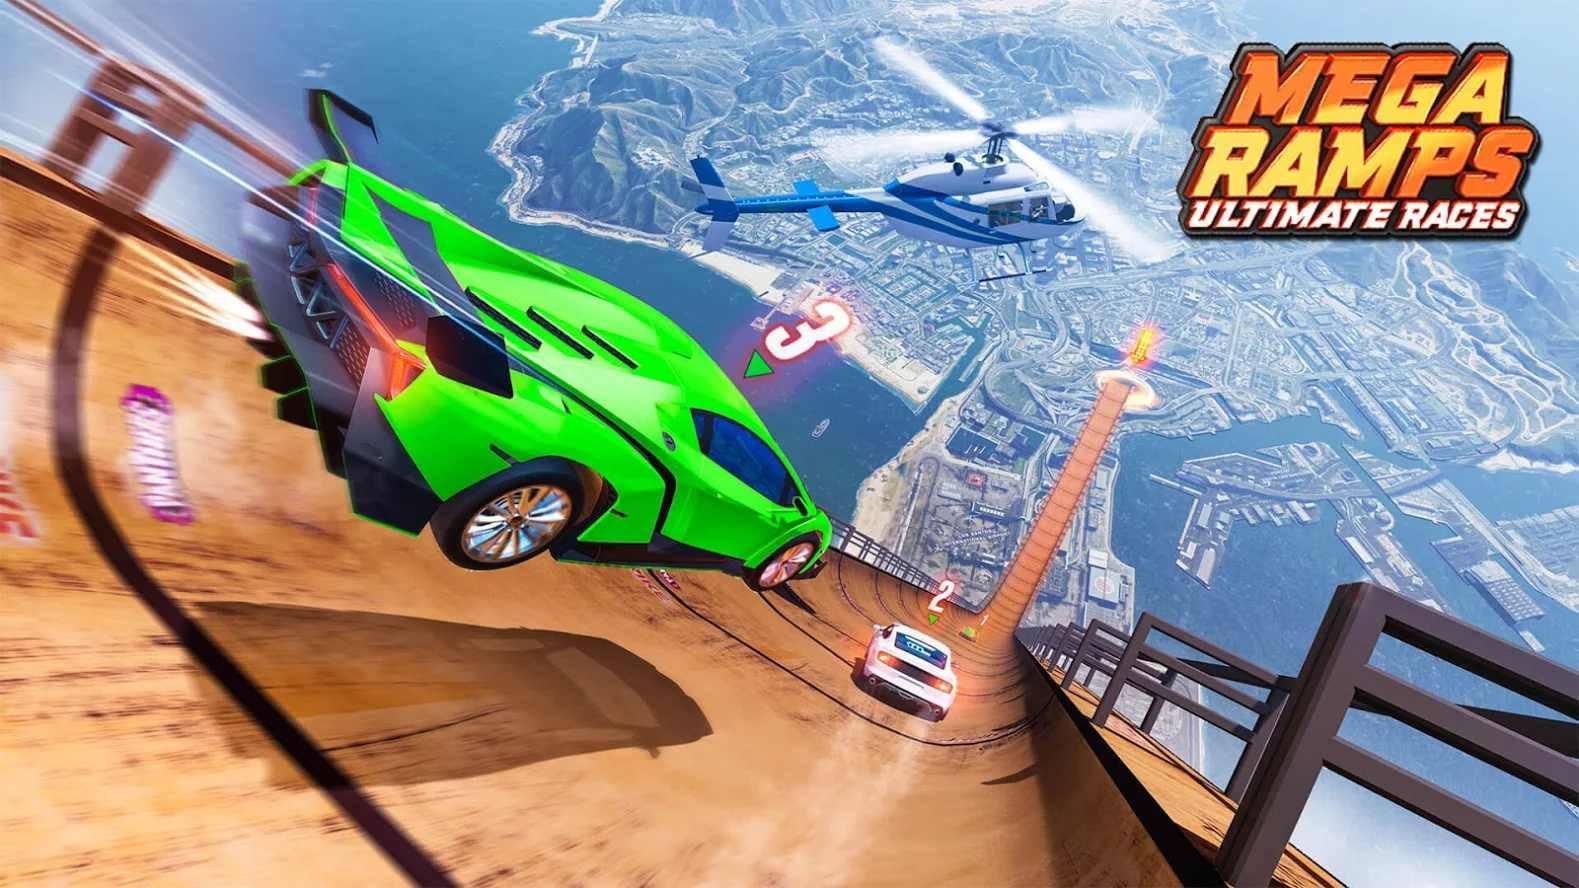 超级坡道终极赛车游戏下载